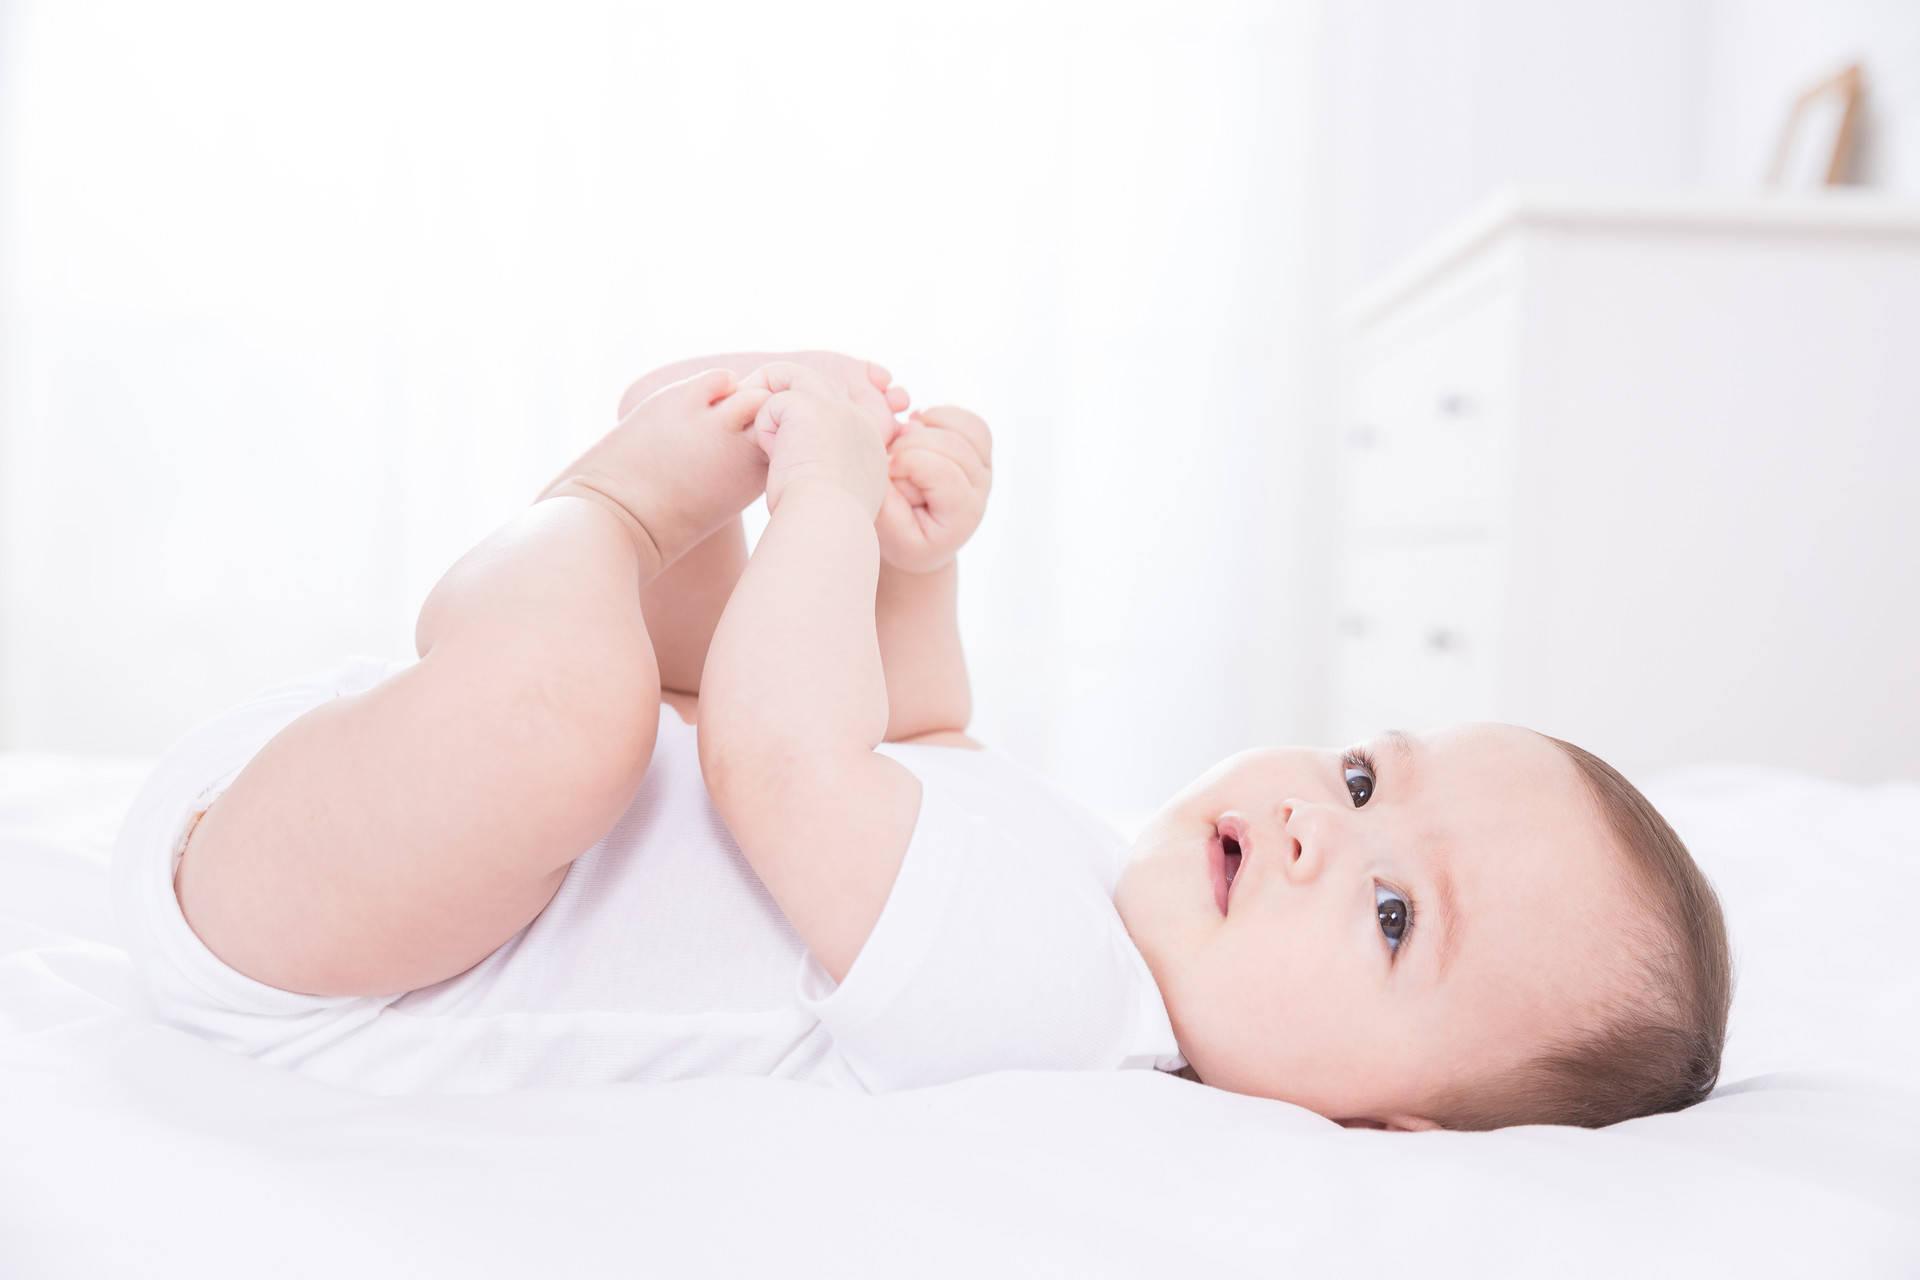 宝宝百天身体变化大,掌握四个养育要点,让孩子长得快少生病  第2张